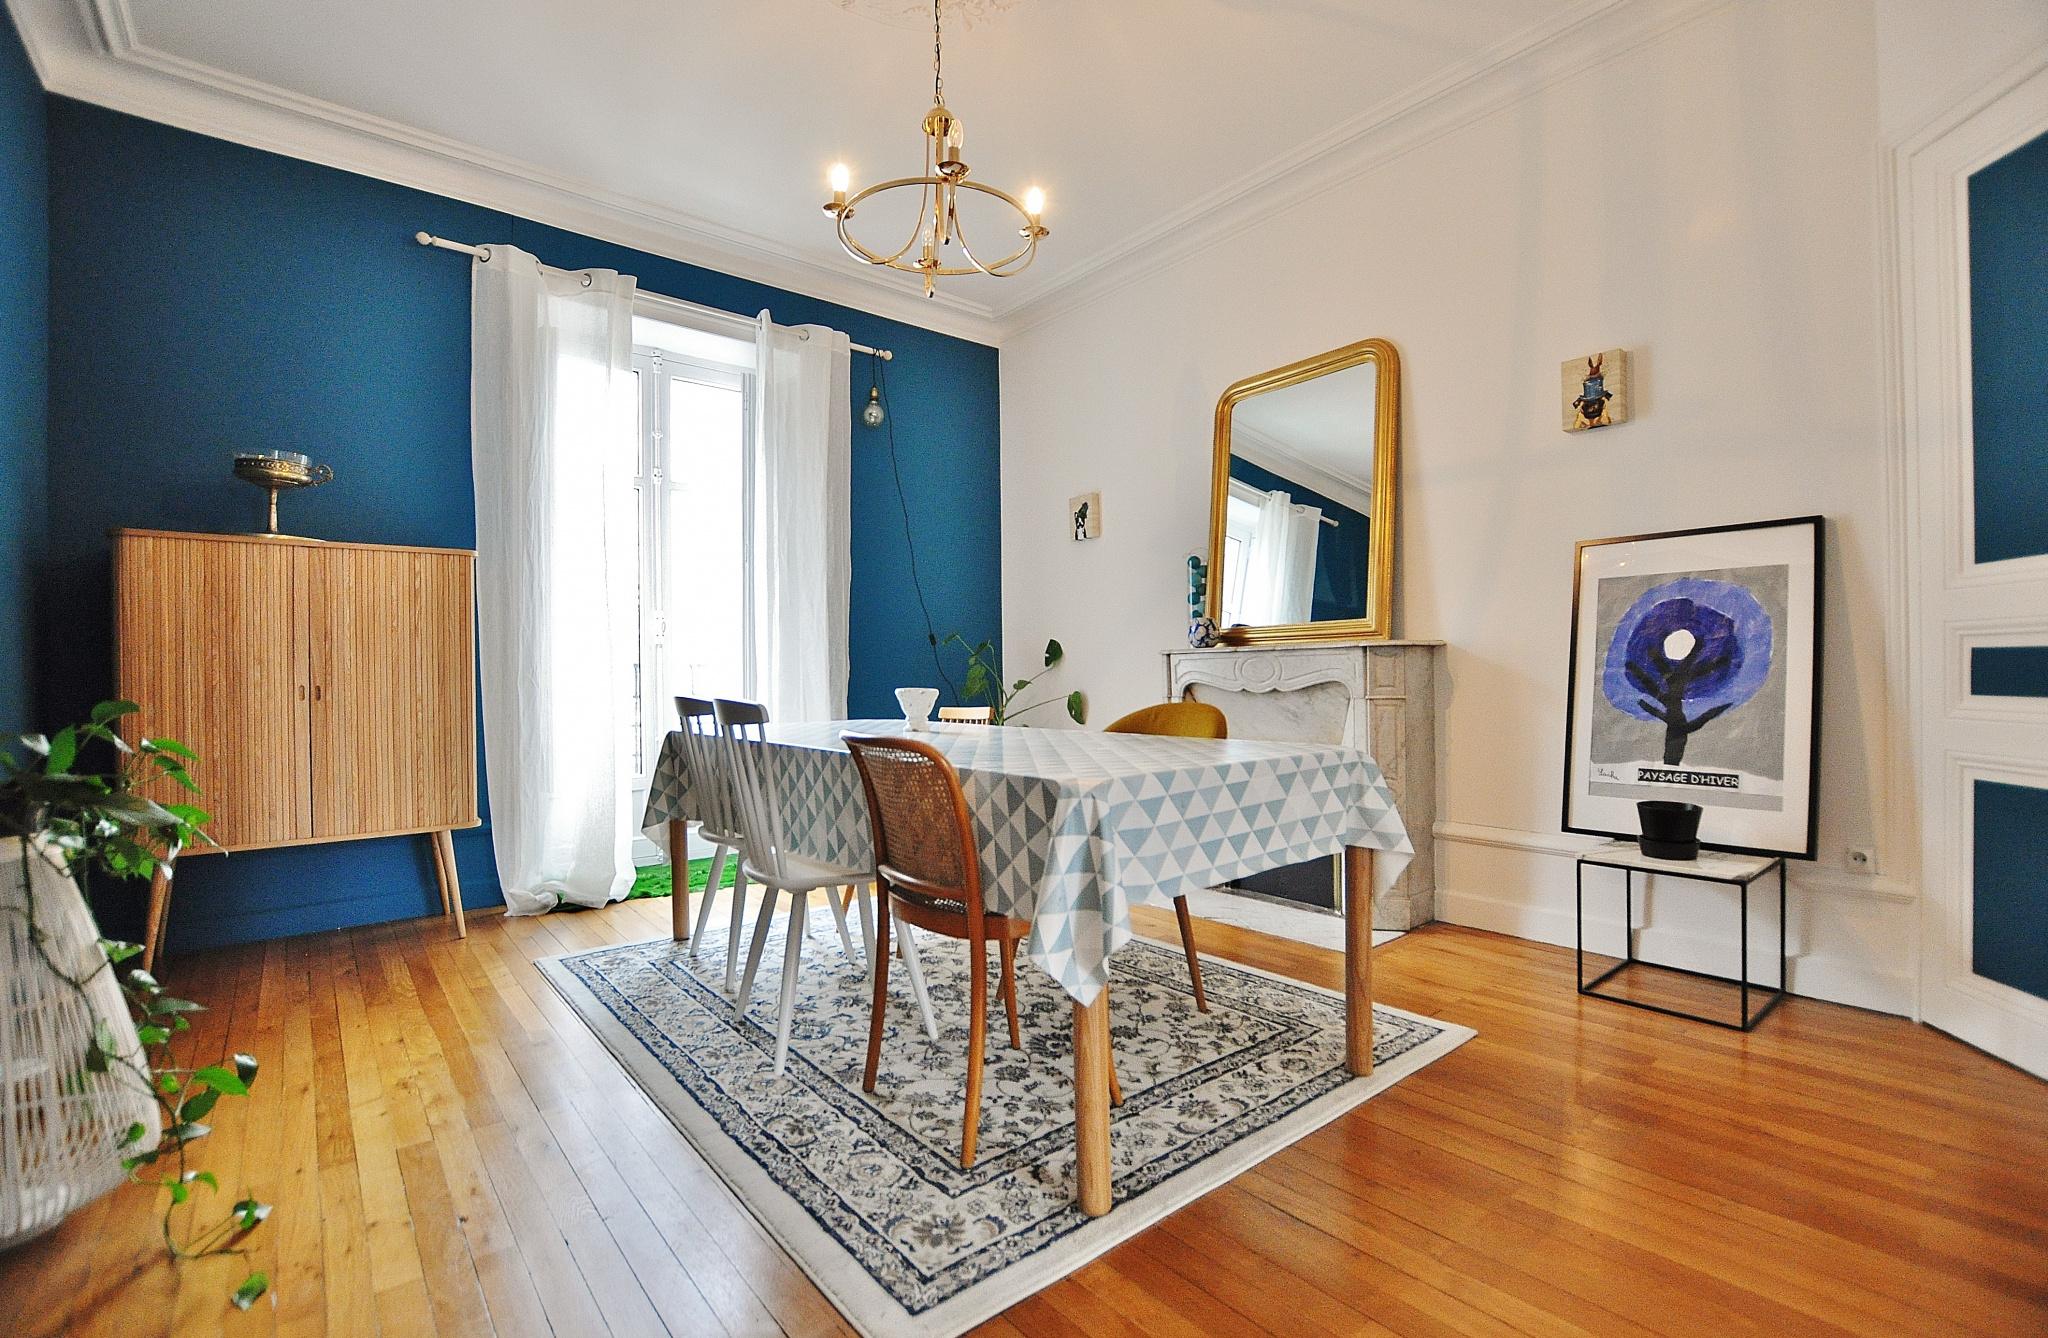 Location Bel Appartement Ancien Meublé